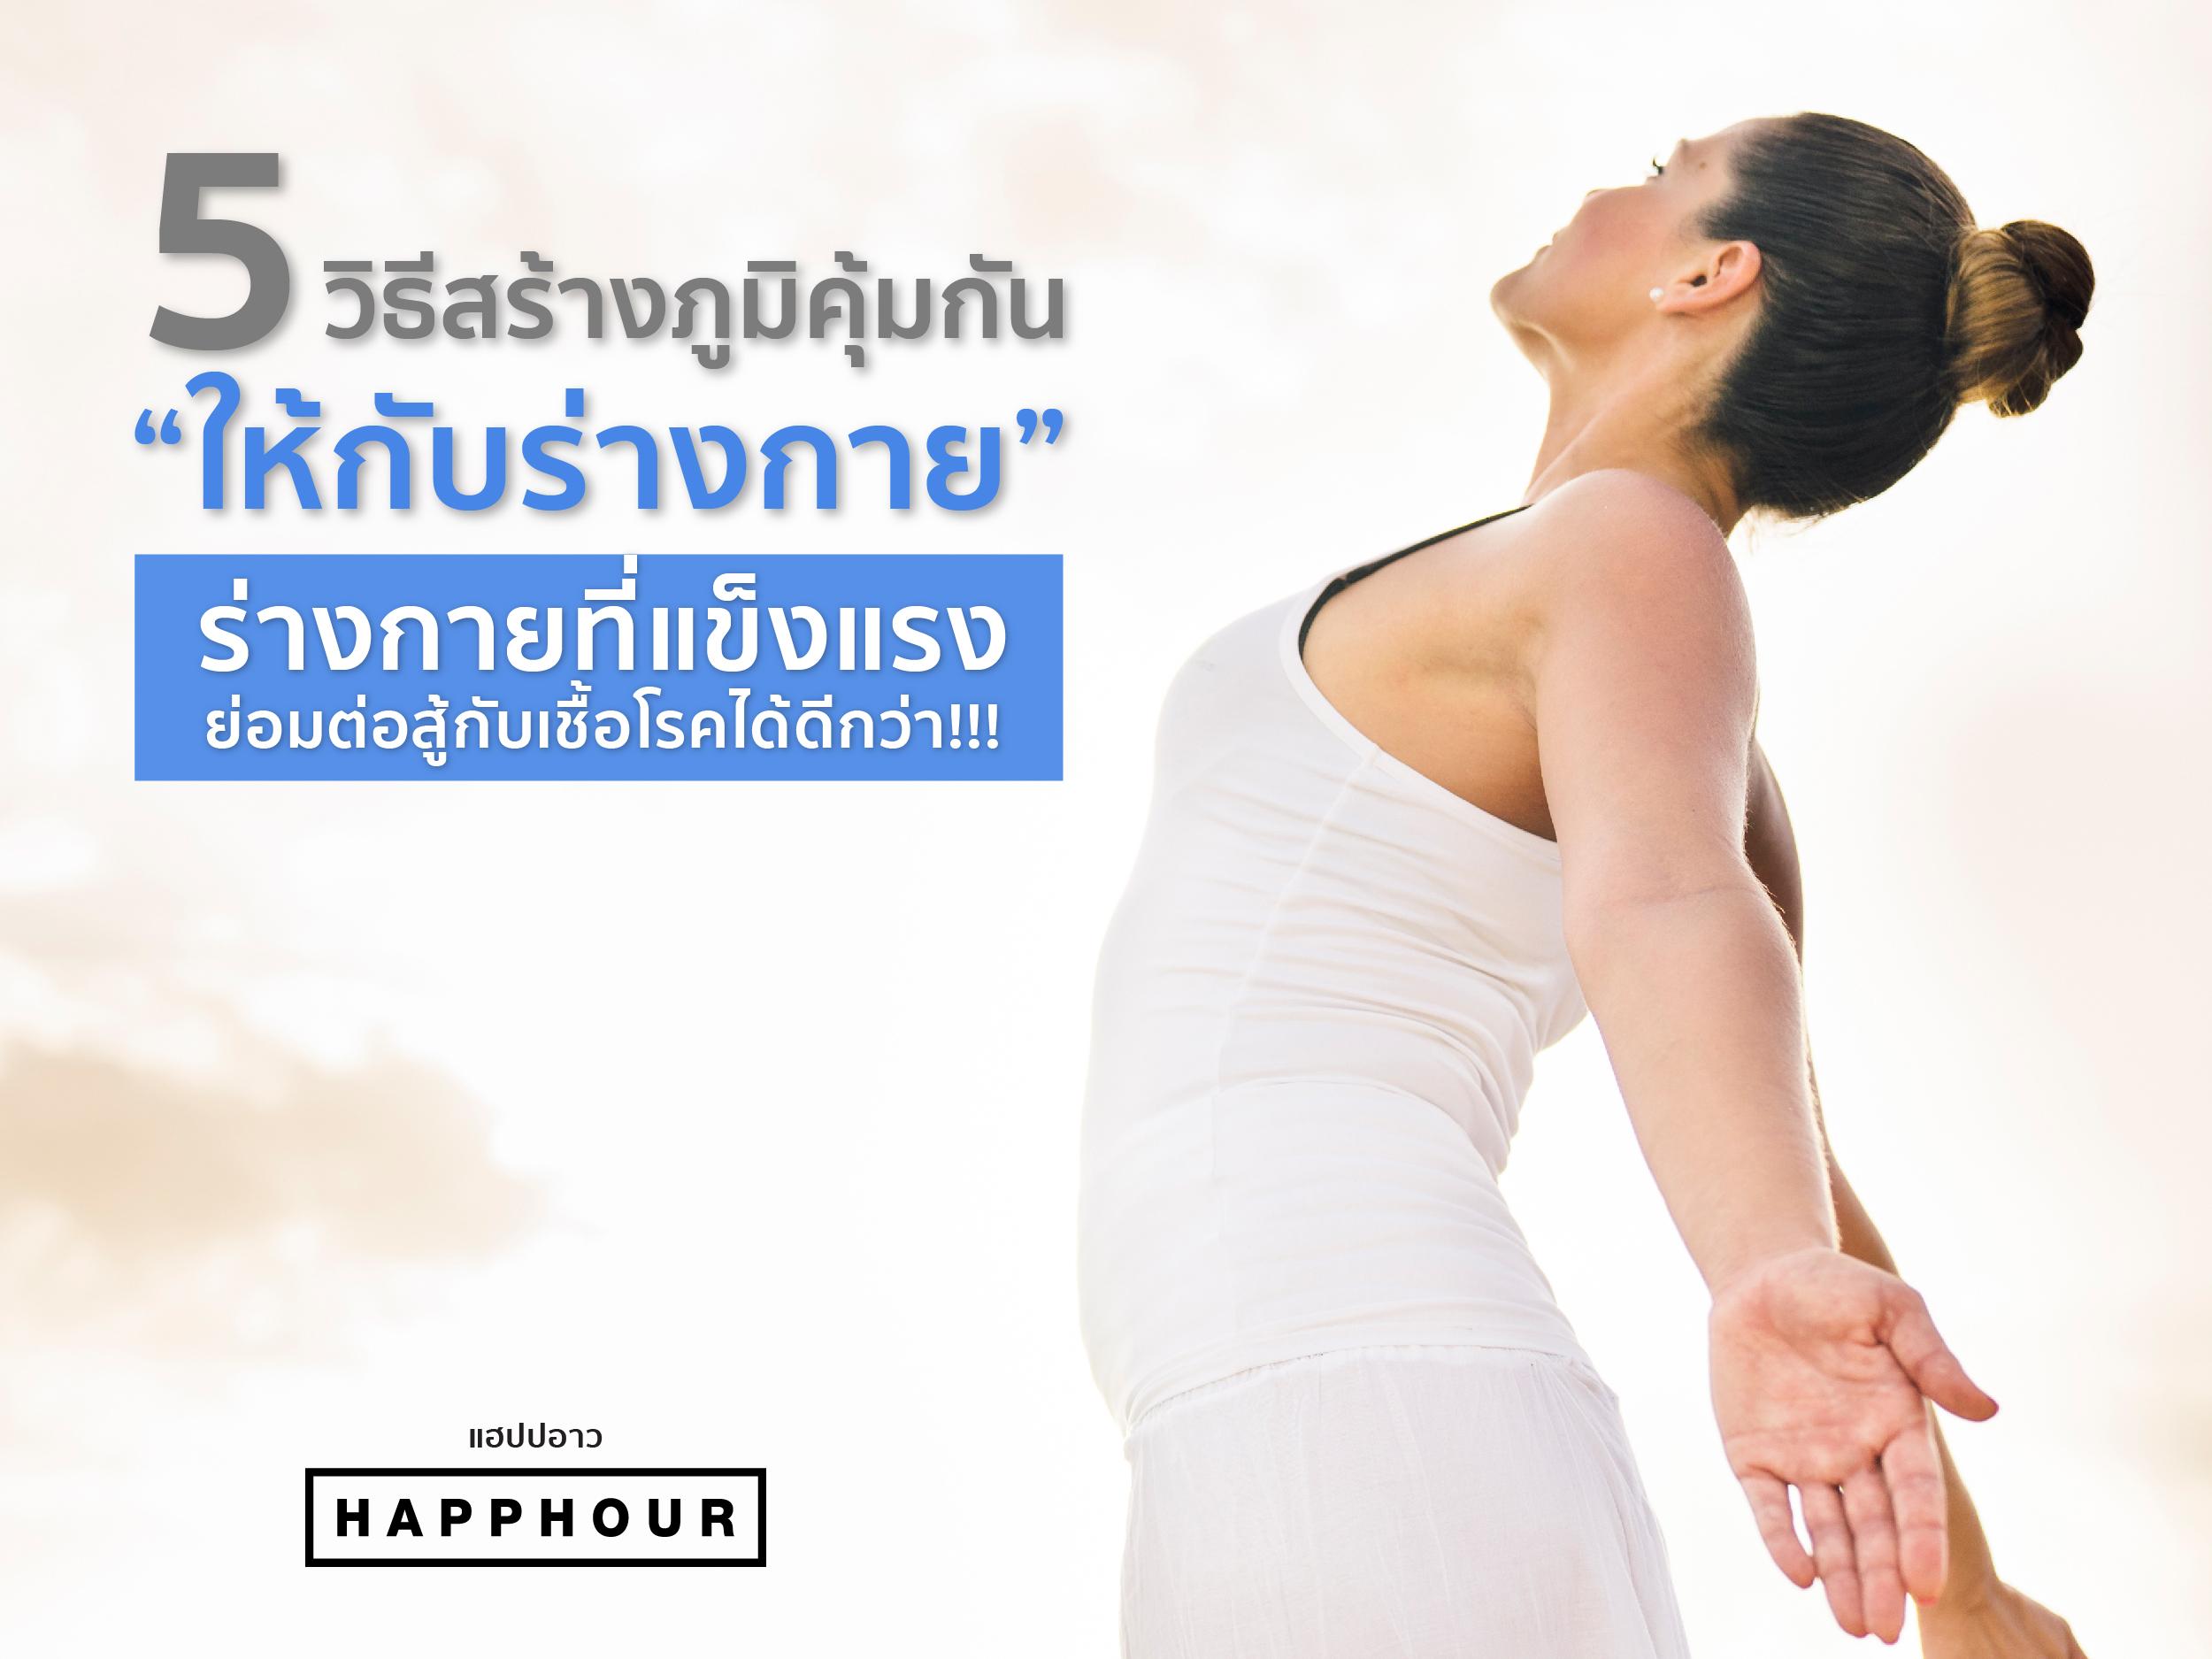 5 วิธีสร้างภูมิคุ้มกันให้กับร่างกาย เพราะร่างกายที่แข็งแรง ย่อมต่อสู้กับเชื้อโรคได้ดีกว่า!!!